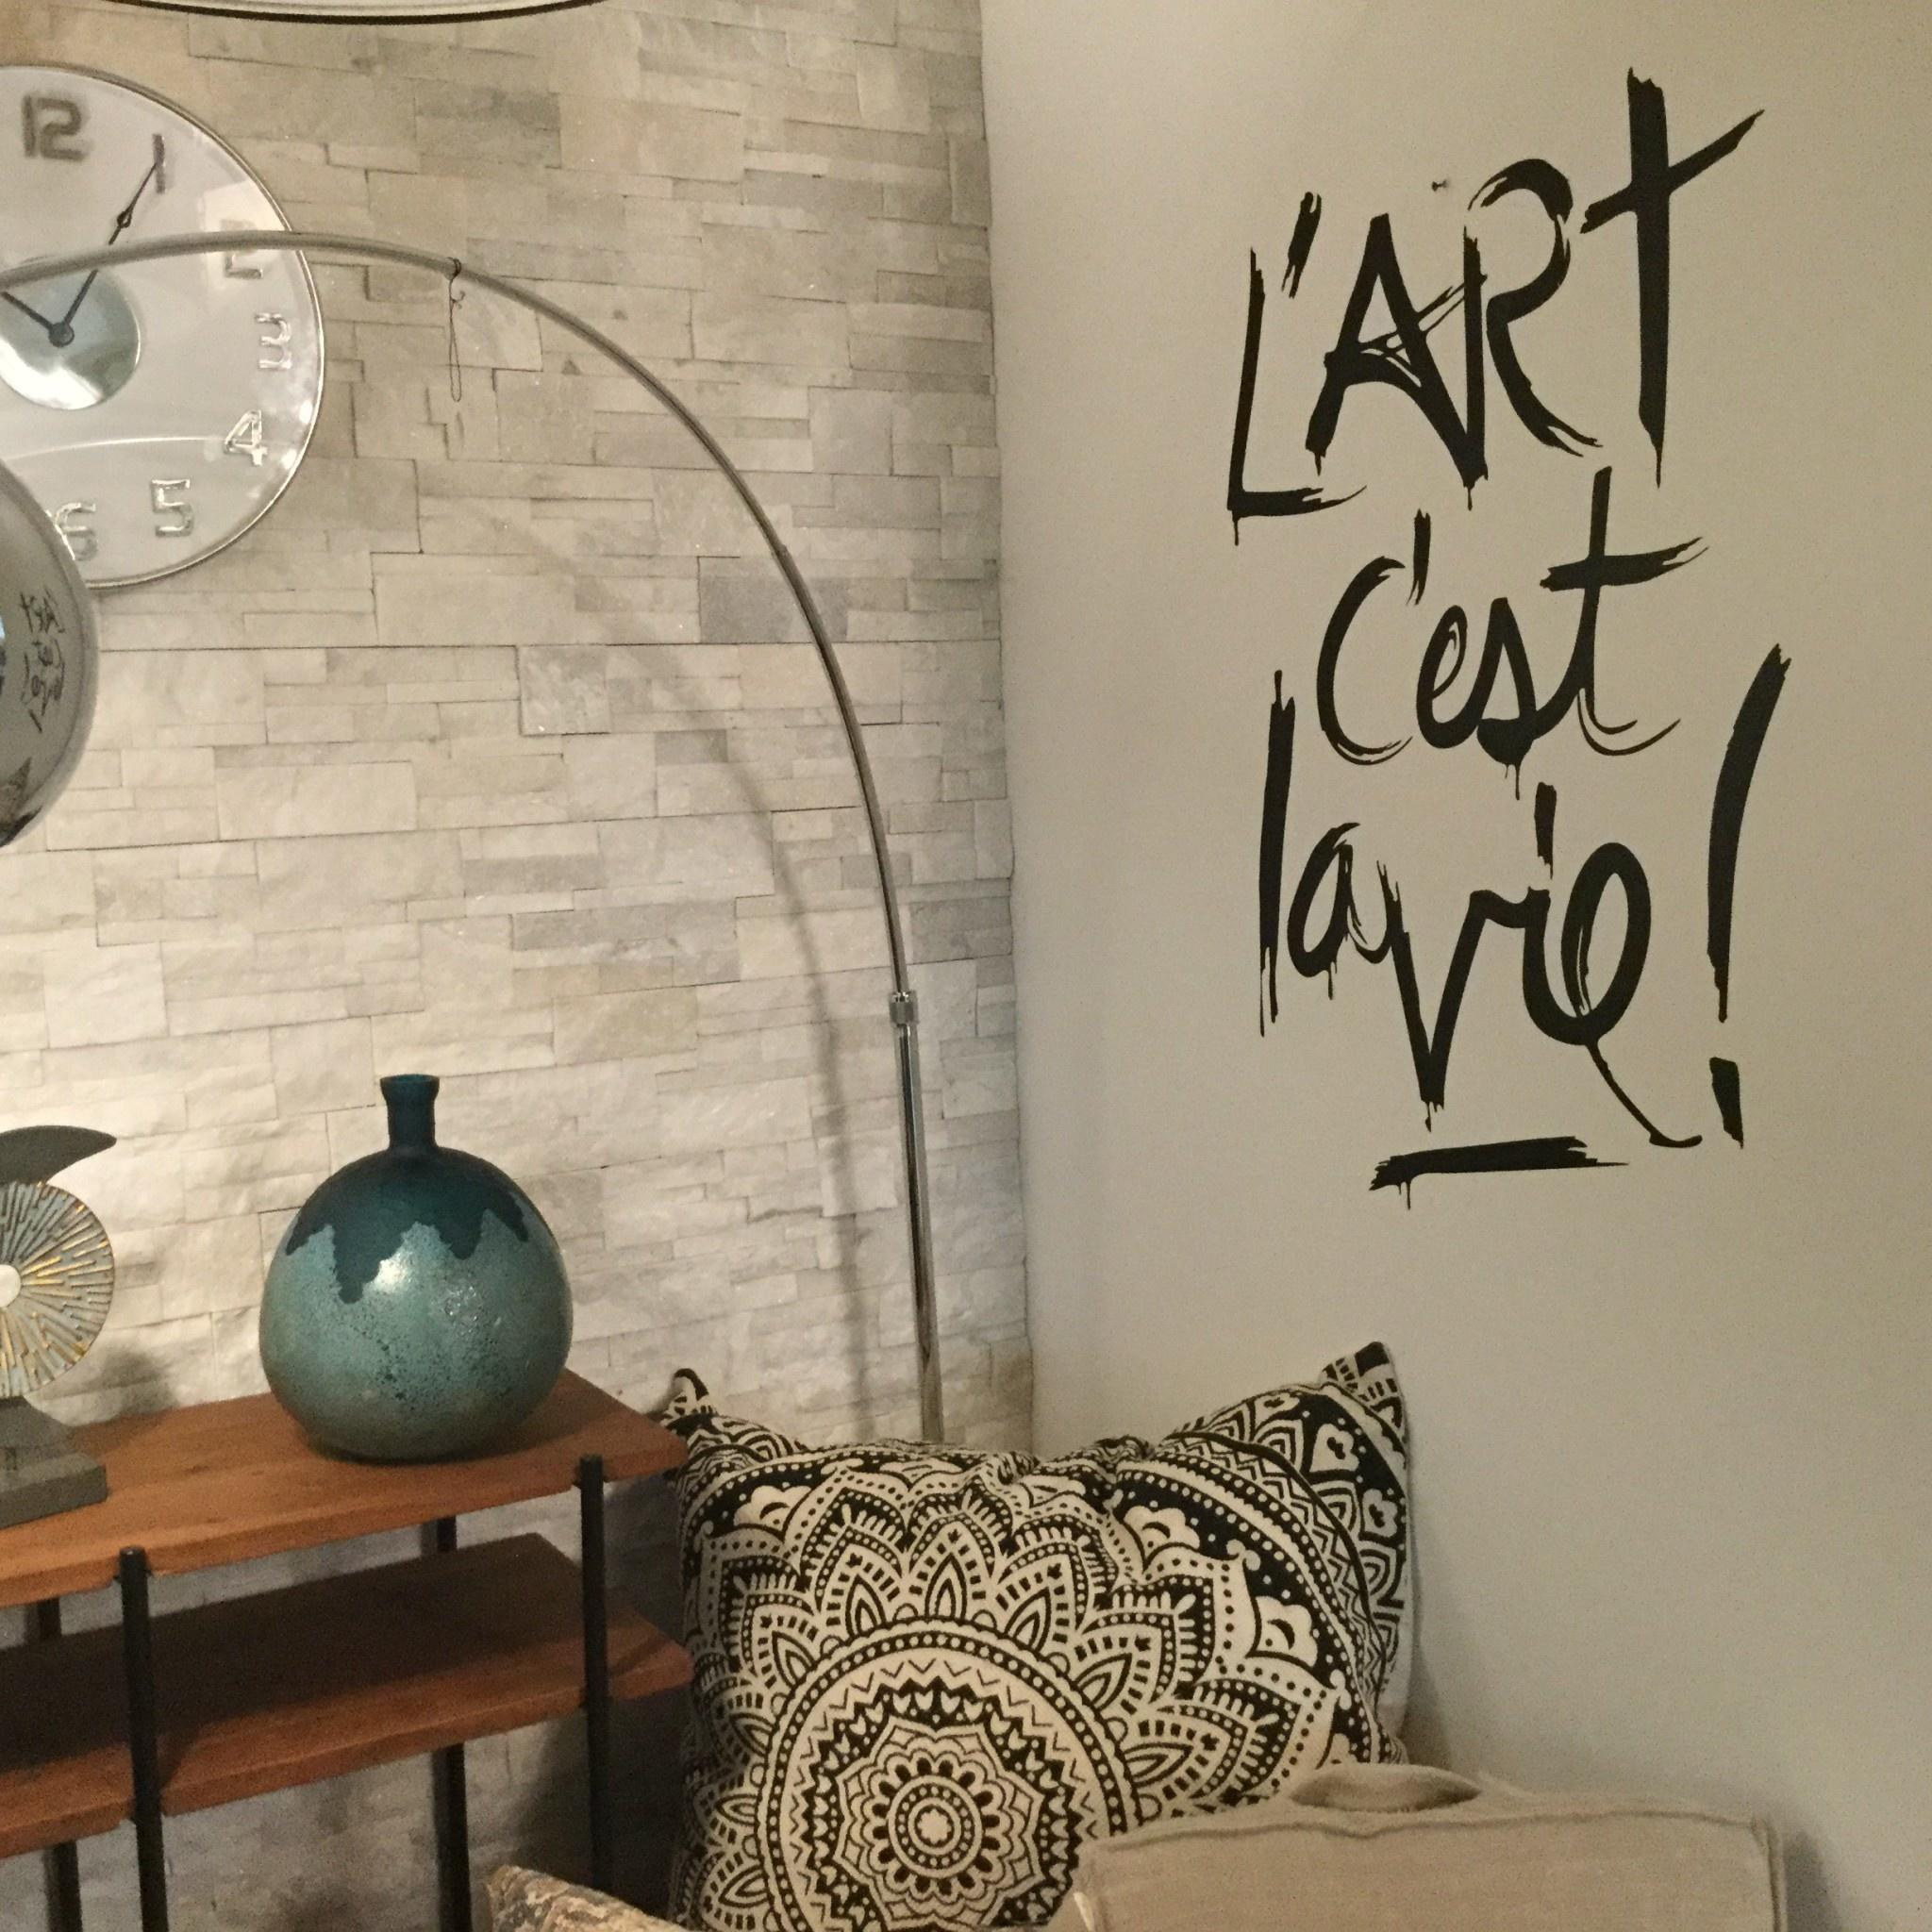 L'ART C'EST LA VIE WALL DECAL